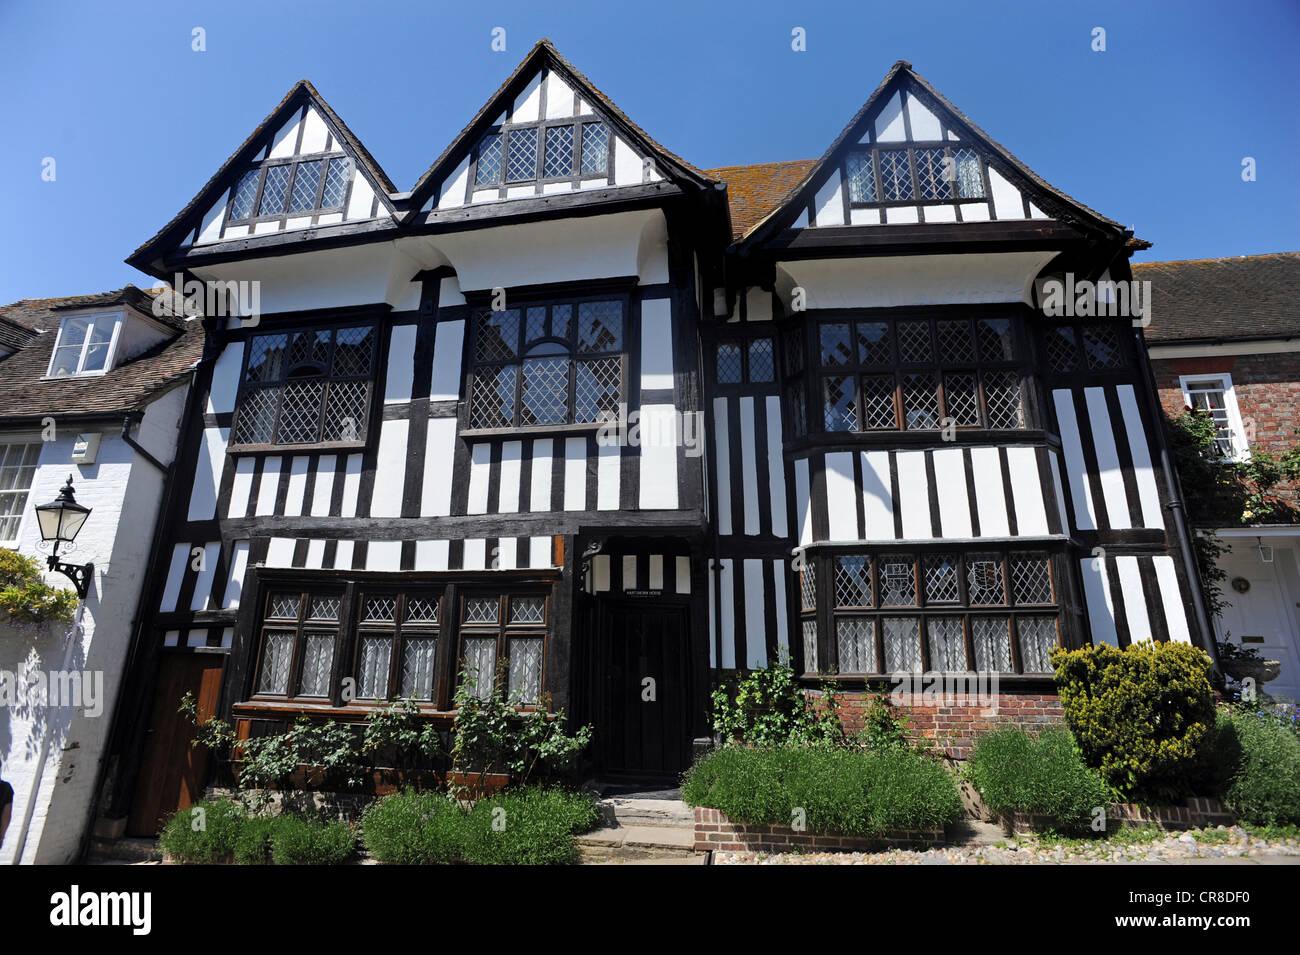 Une vieille maison de style tudor à mermaid street seigle photo stock